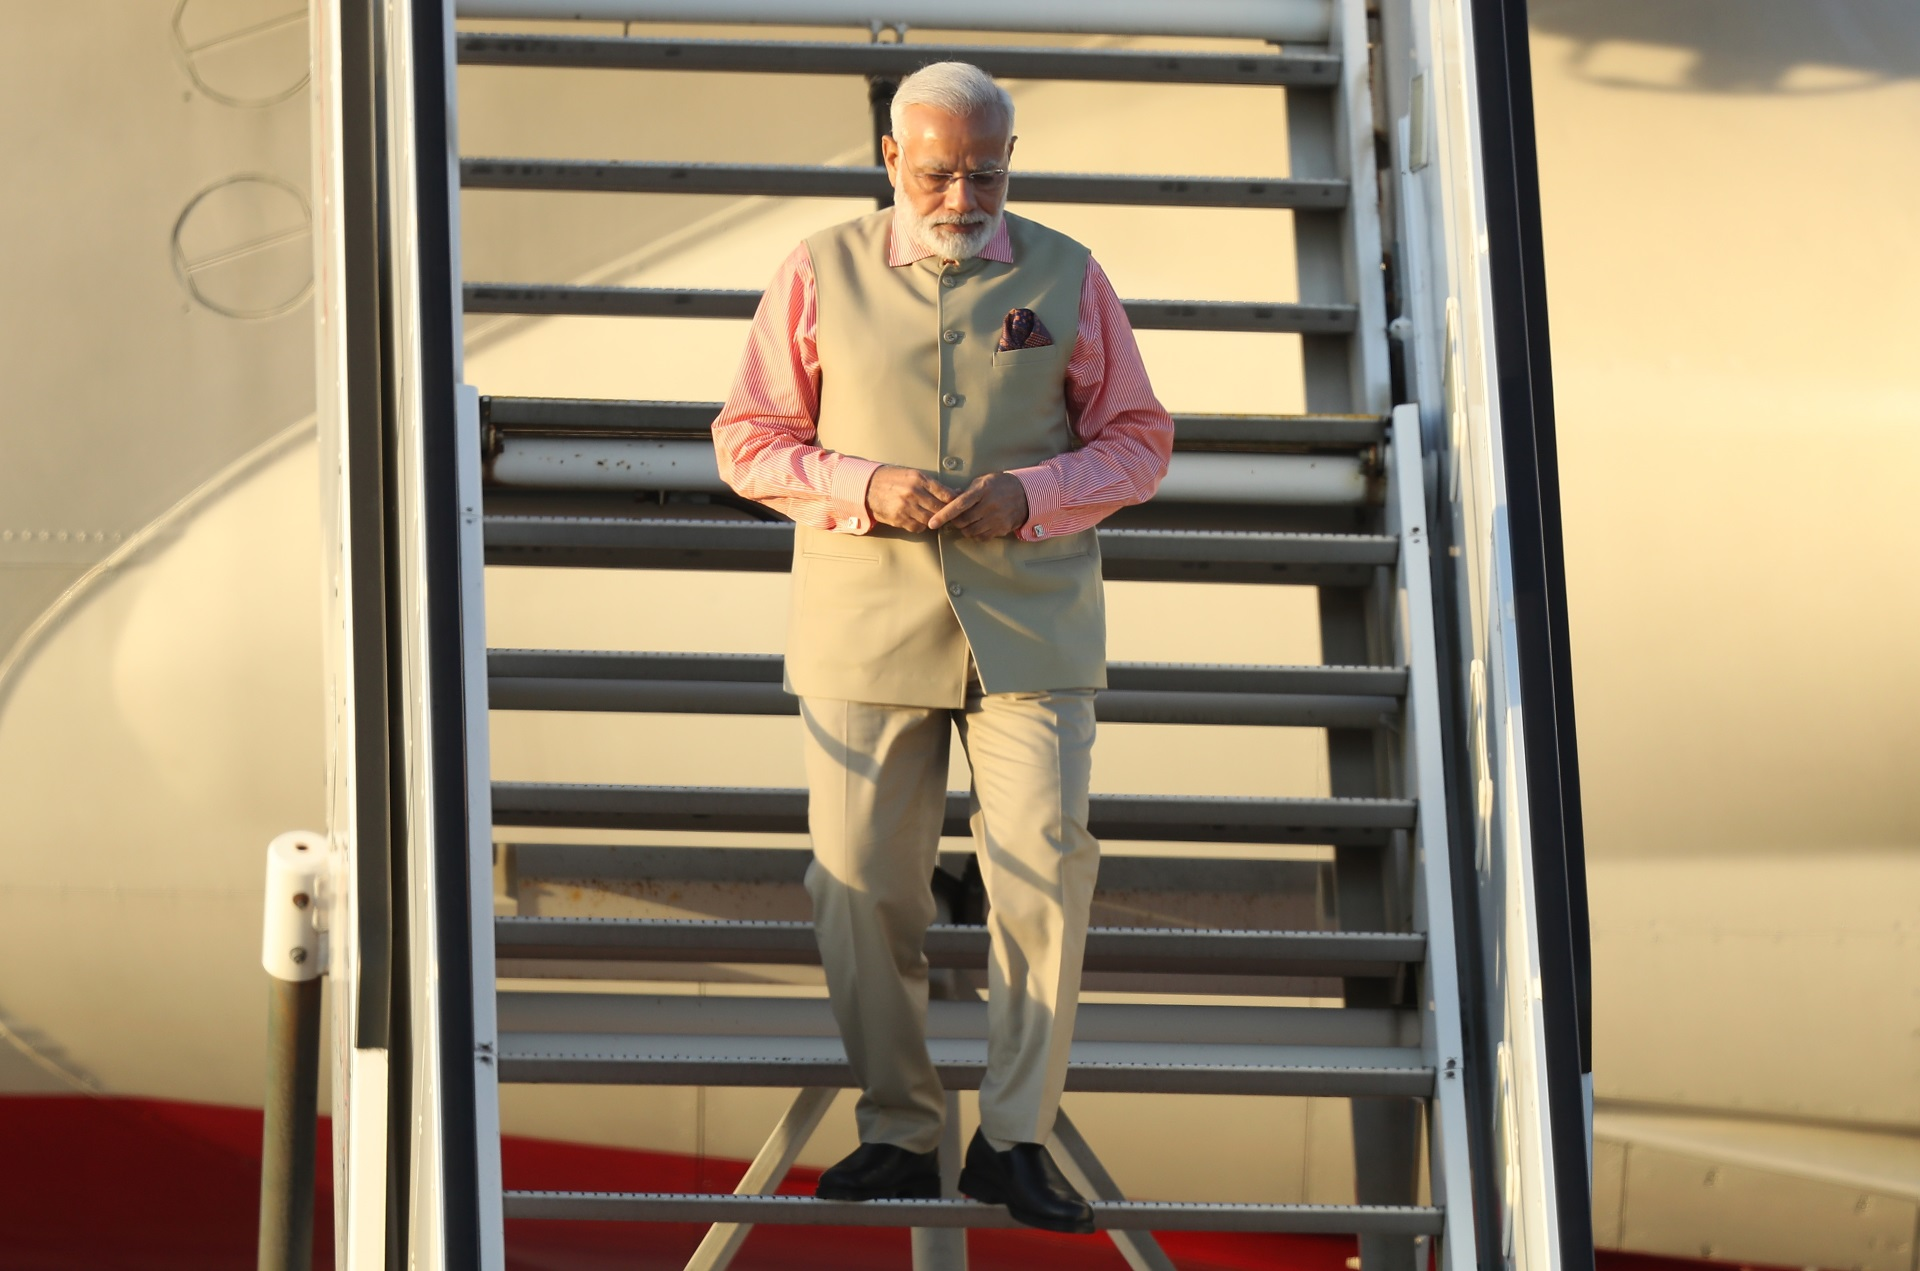 """Нарендра Моди<br /> <br /> Министър-председателят на Индия е истинска модна икона, а външният му вид се коментира не само в социалните мрежи. Той е хванал окото и на международните медии и други световни лидери, които отбелязват, че Моди си има свой собствен стил и наричат връхната му дреха """"сако Моди""""."""